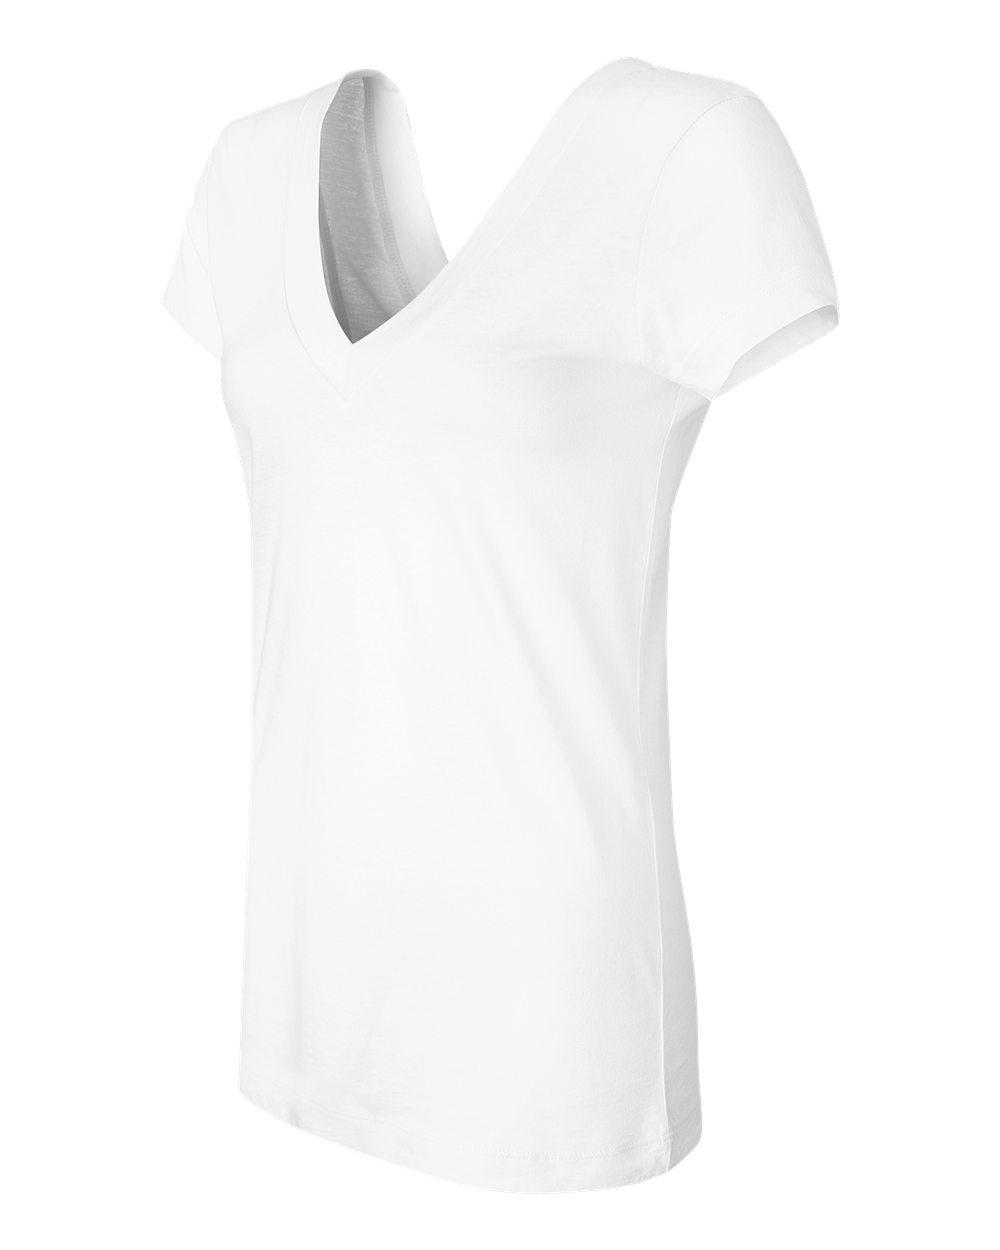 Bella 8410 White